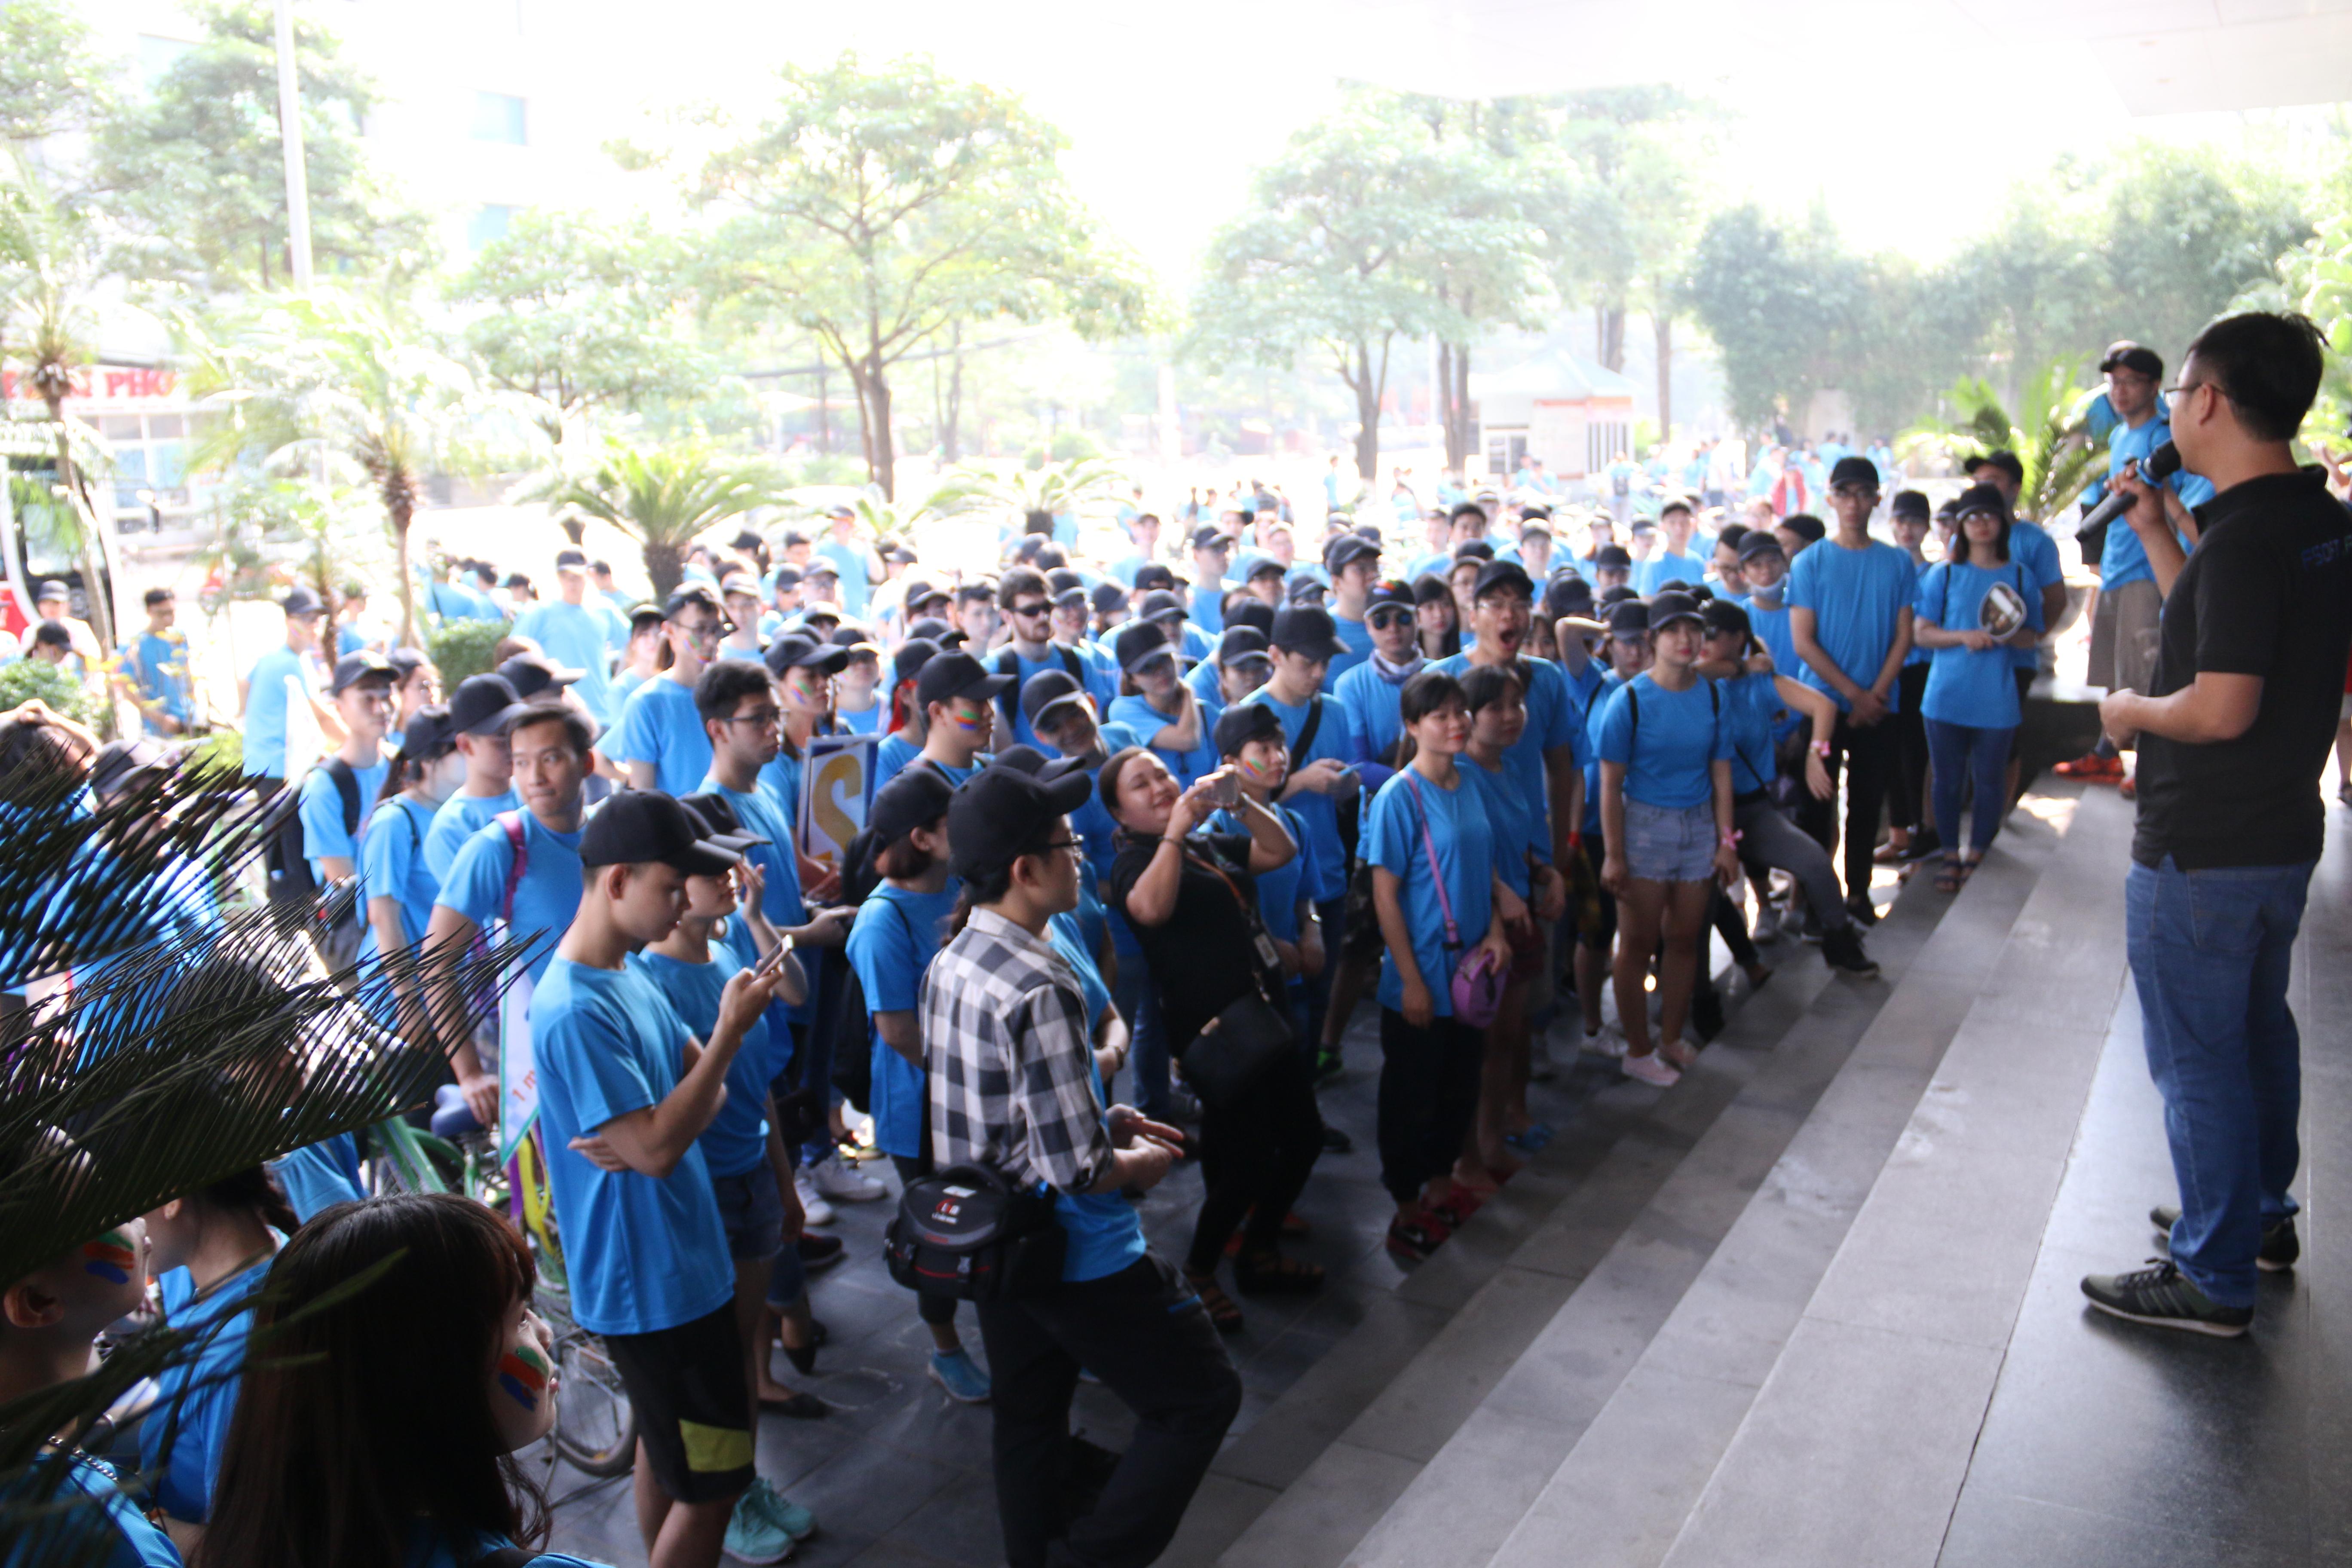 Dù một thời gian dài chưa đạp xe nhưng Hà Thị Thị Phương (FSU11.Z79) vẫn cảm thấy rất tự tin trước giờ khởi hành và quyết tâm đạt giải Nhất.